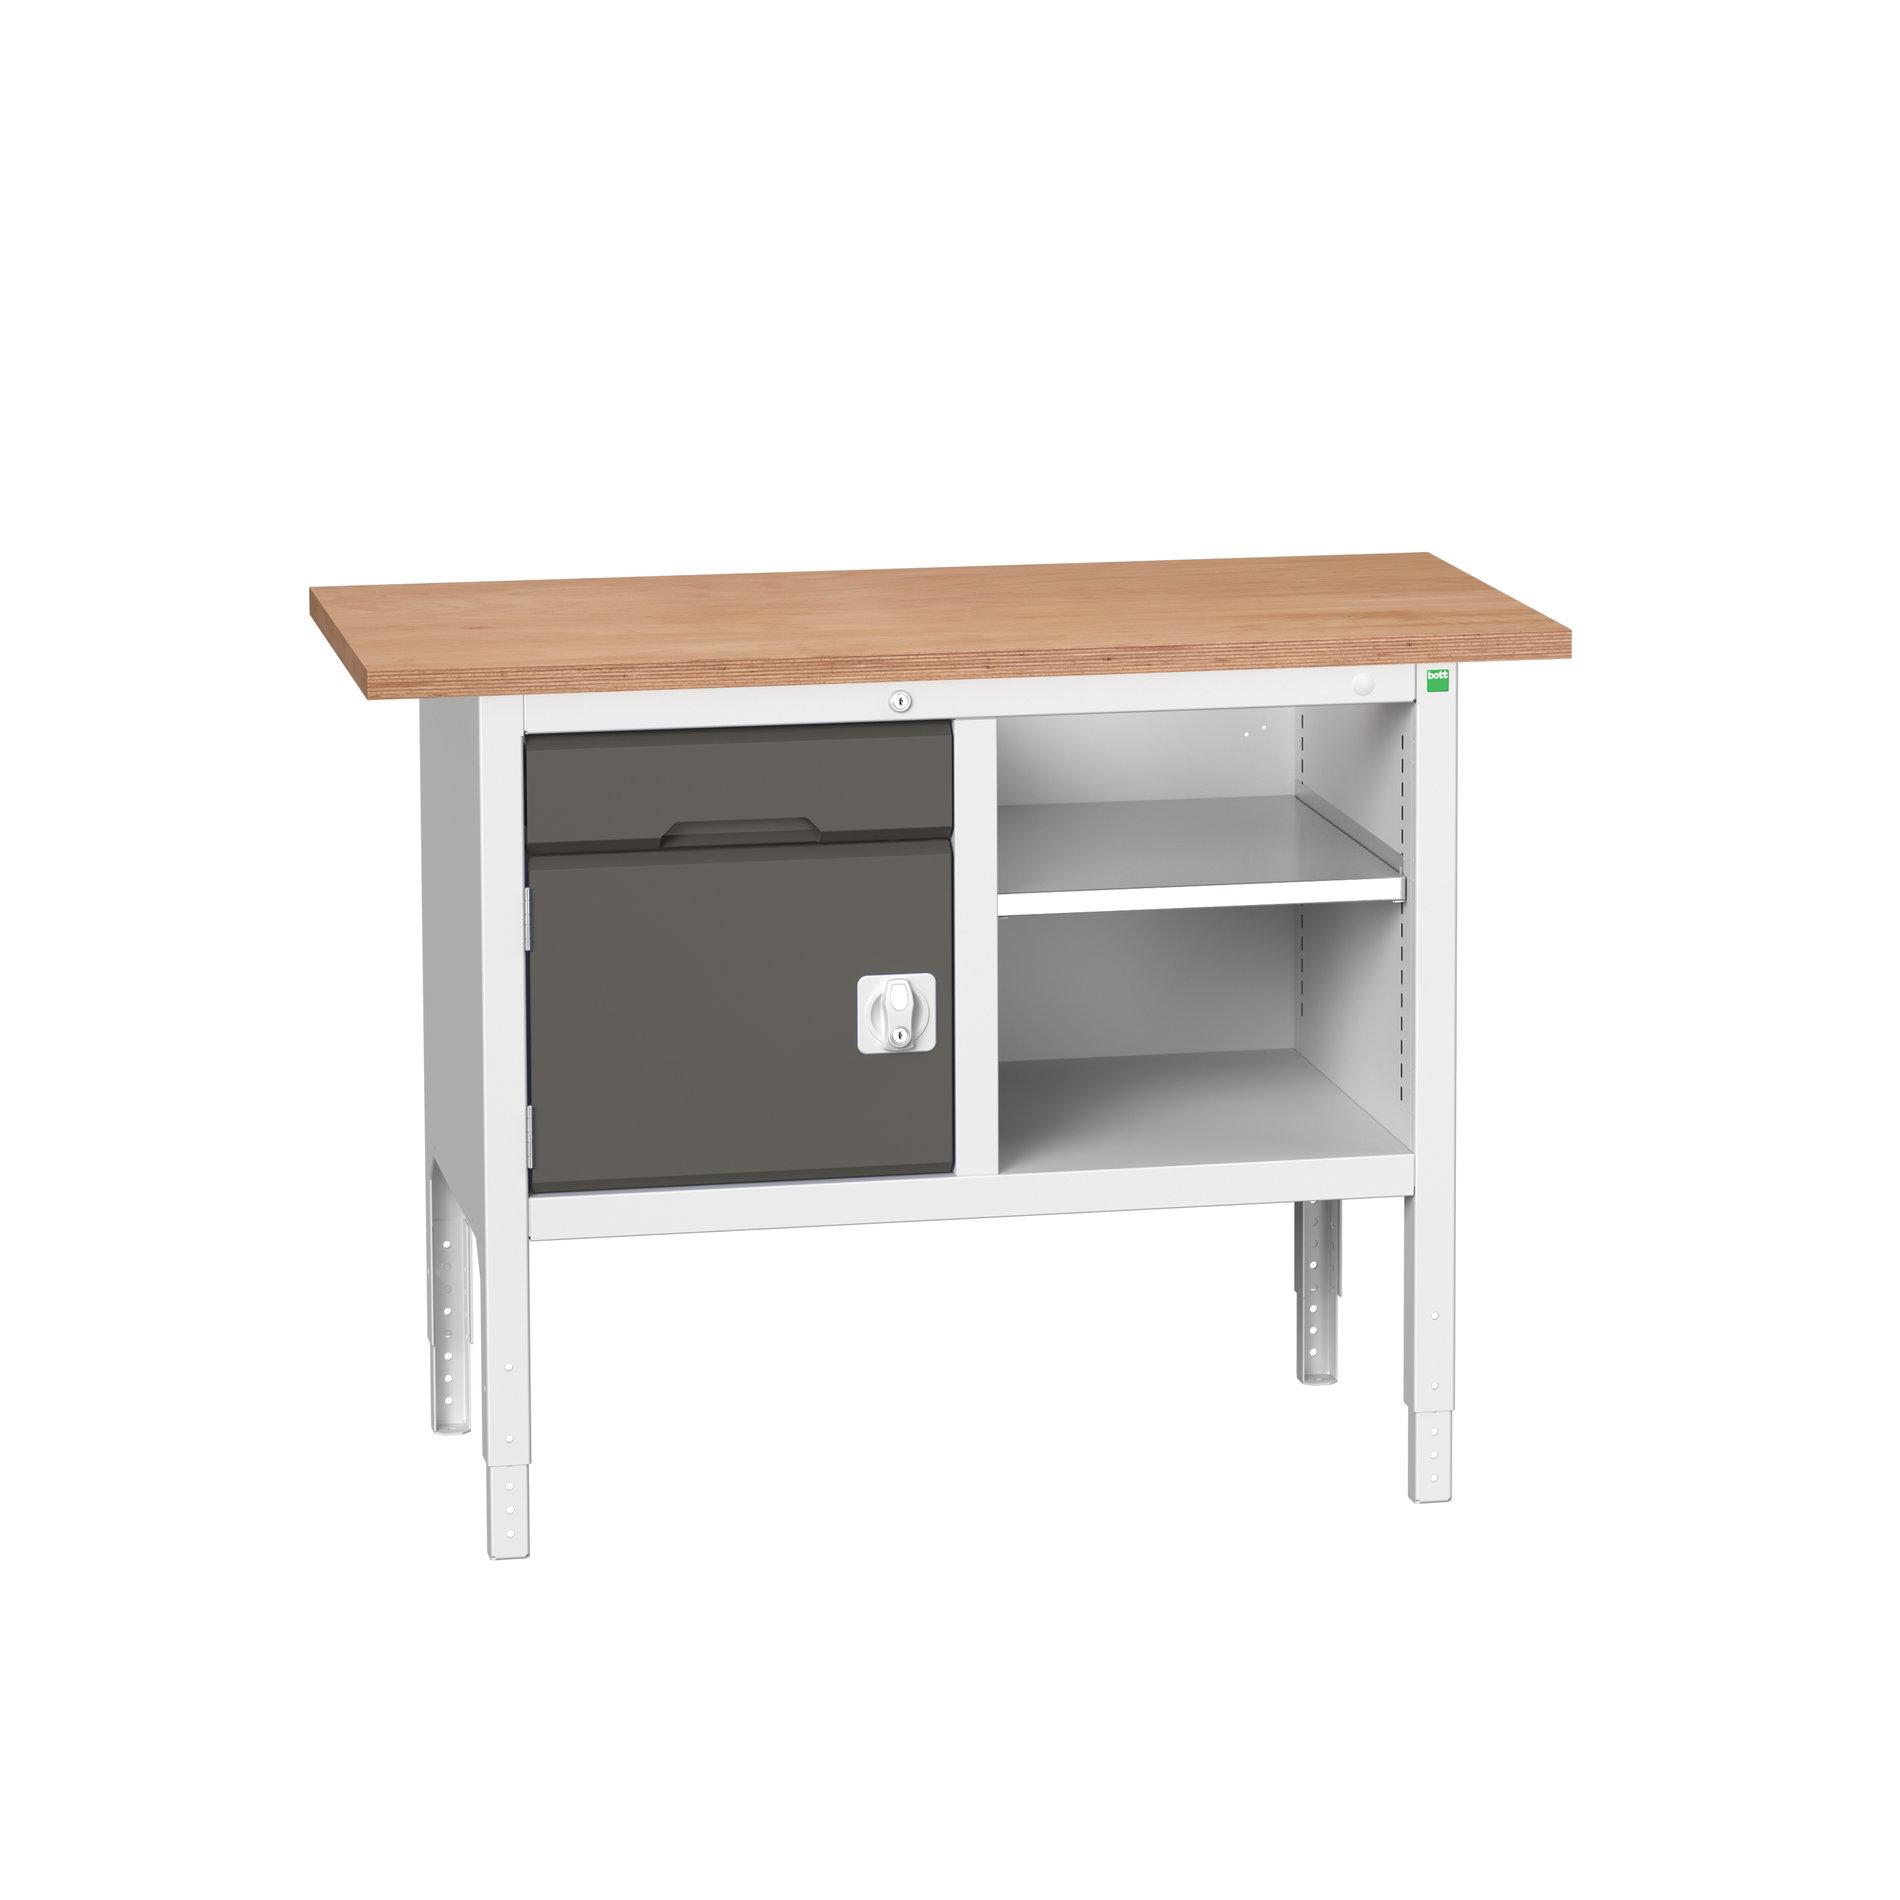 Bott Verso Adjustable Height Storage Bench With 1 Drawer-Door Cabinet / Open Cupboard